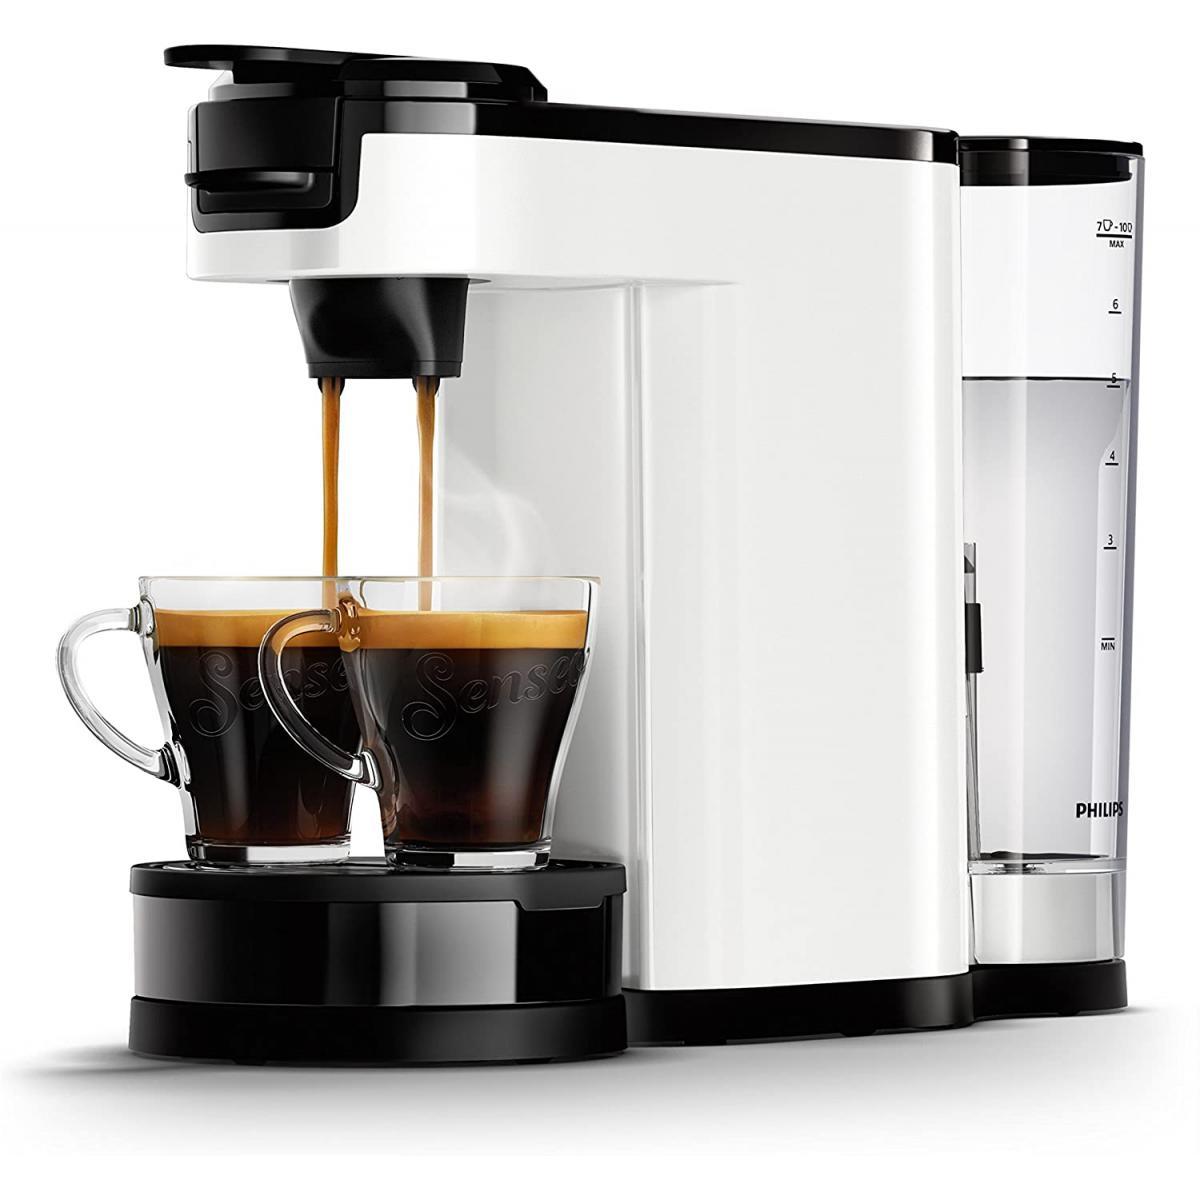 Philips machine à café SENSEO Switch 2 en 1 blanc noir